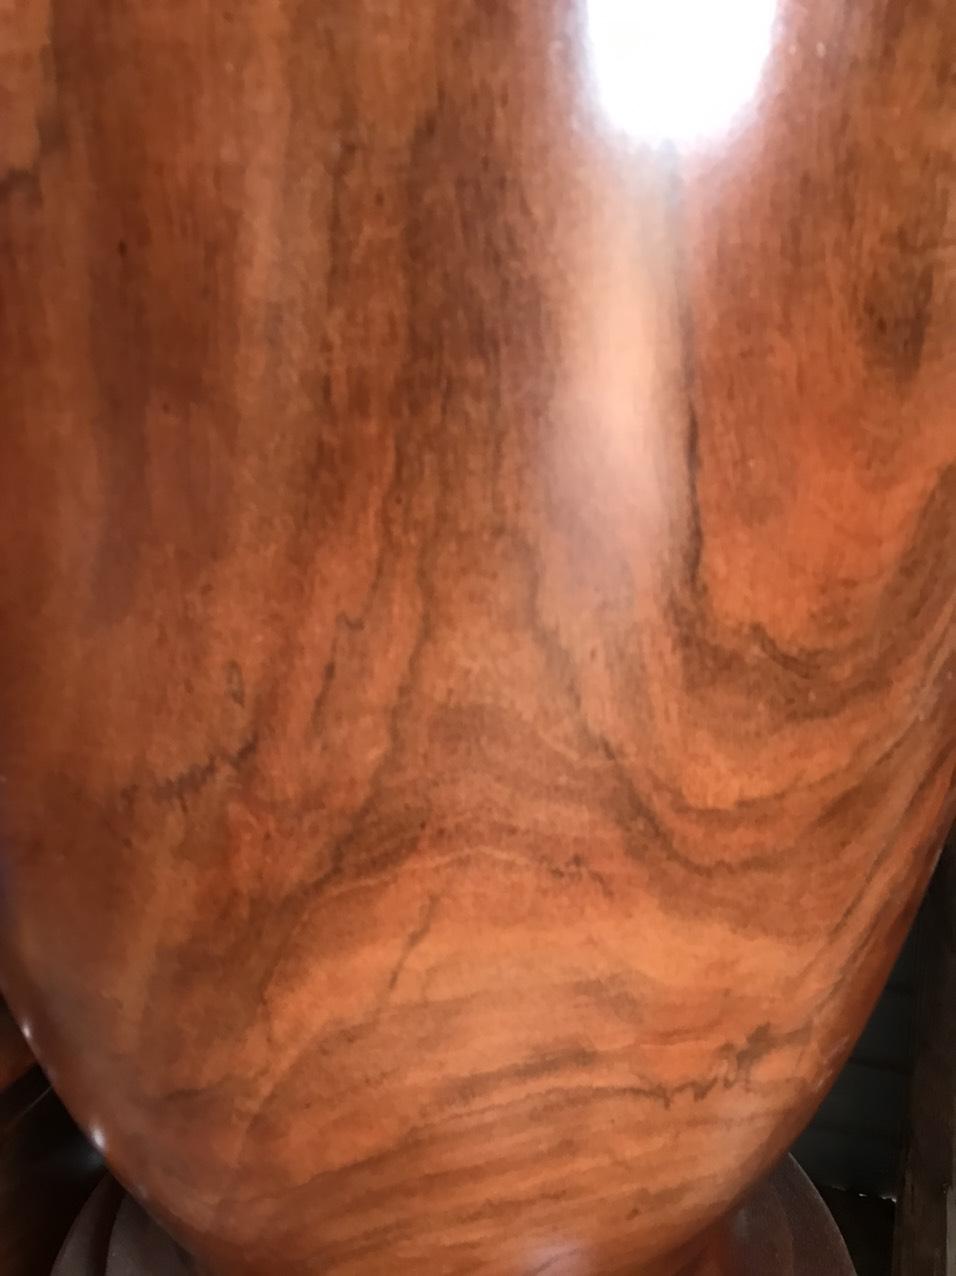 LỤC BÌNH GỖ - LỤC BÌNH GỖ LIM 157cm x40cm - TL01 MALANAZ CUNG CẤP TRÊN TOÀN QUỐC